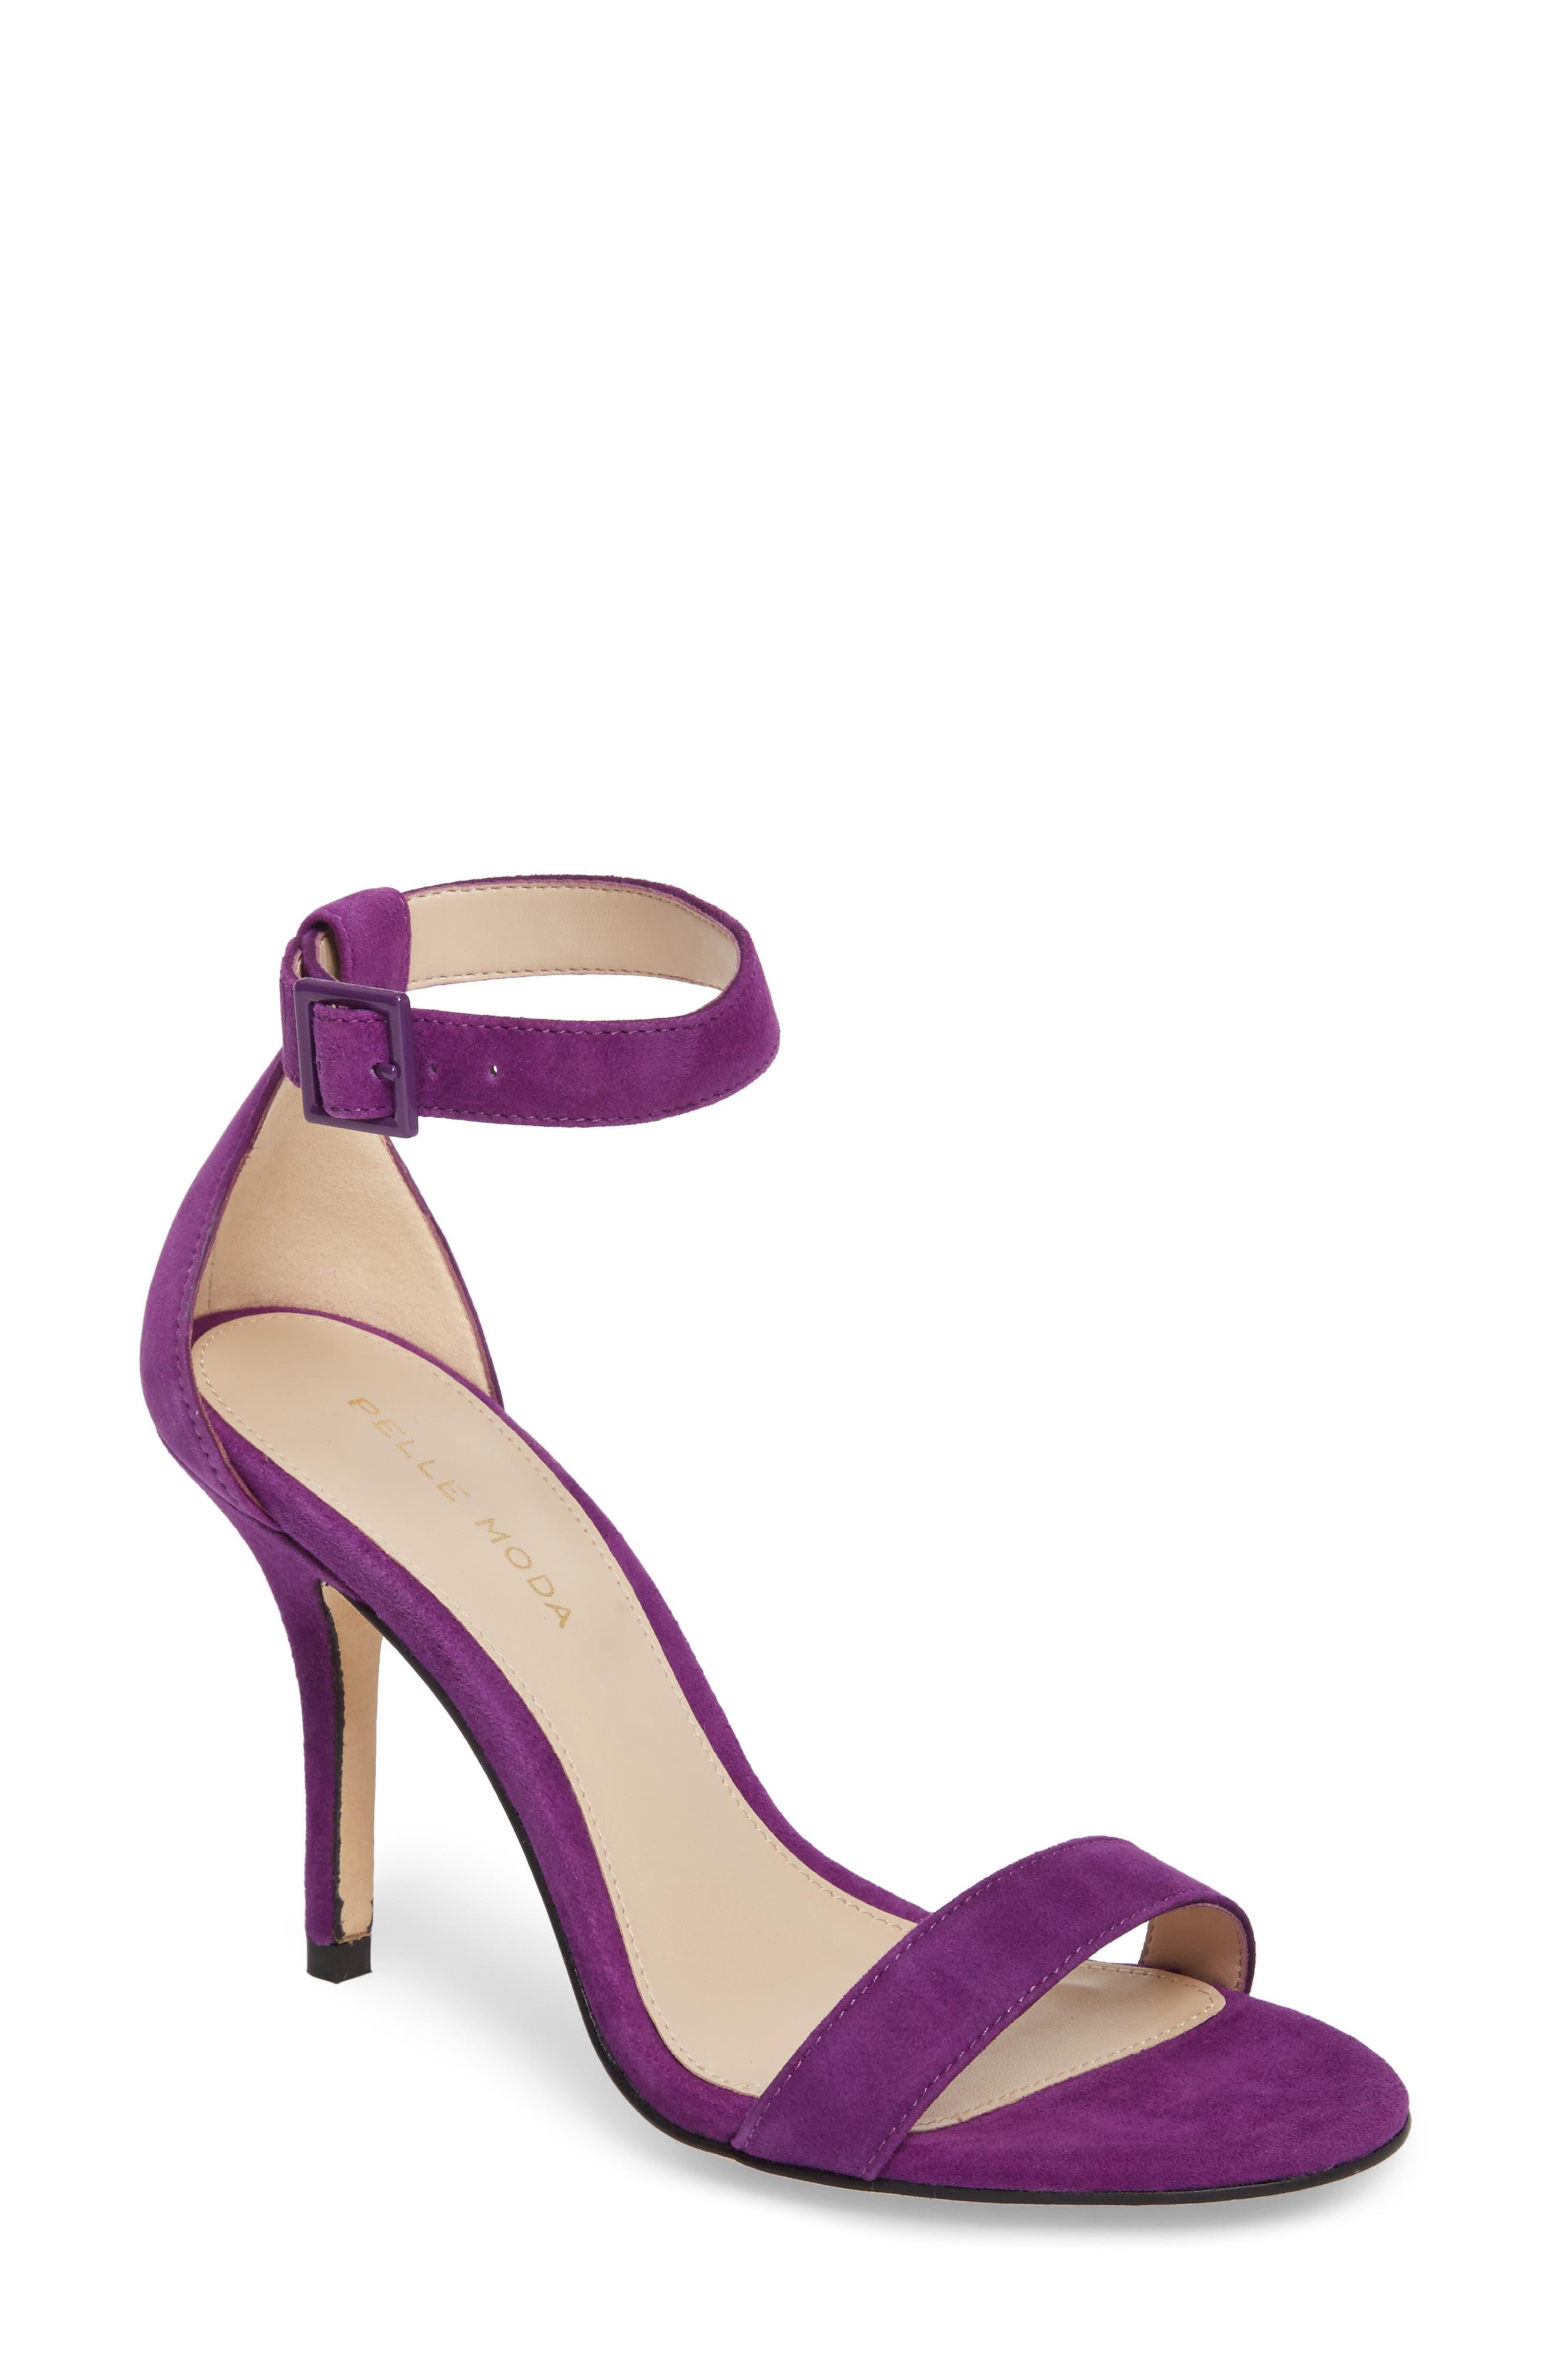 Alternate Image 1 Selected - Pelle Moda Kacey Sandal (Women)